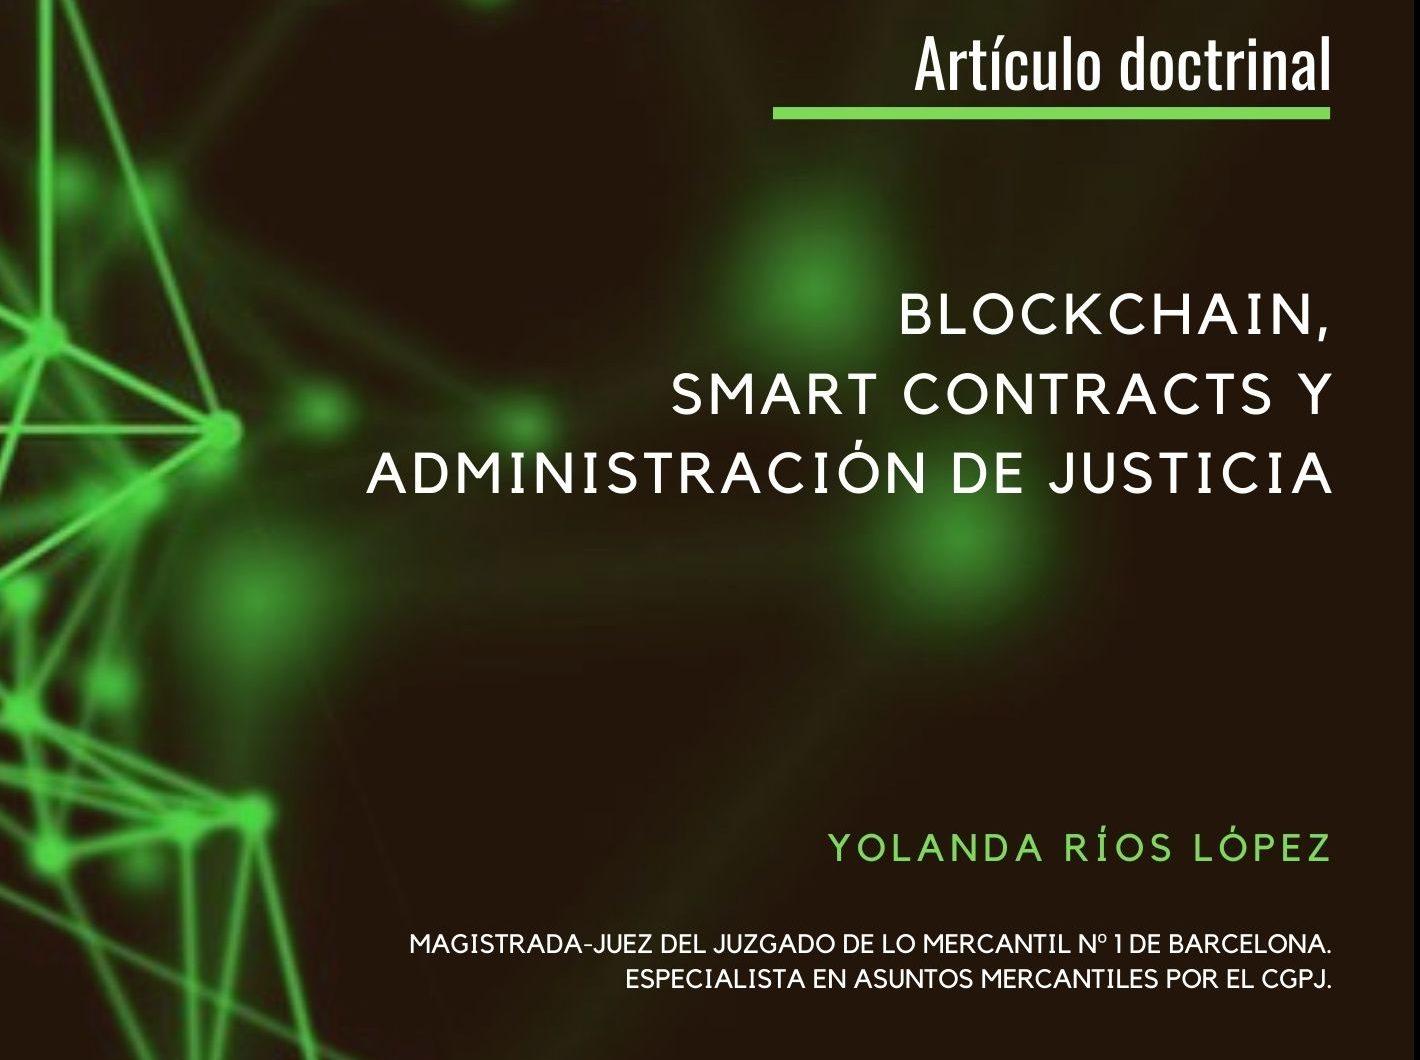 BLOCKCHAIN, SMART CONTRACTS Y ADMINISTRACIÓN DE JUSTICIA